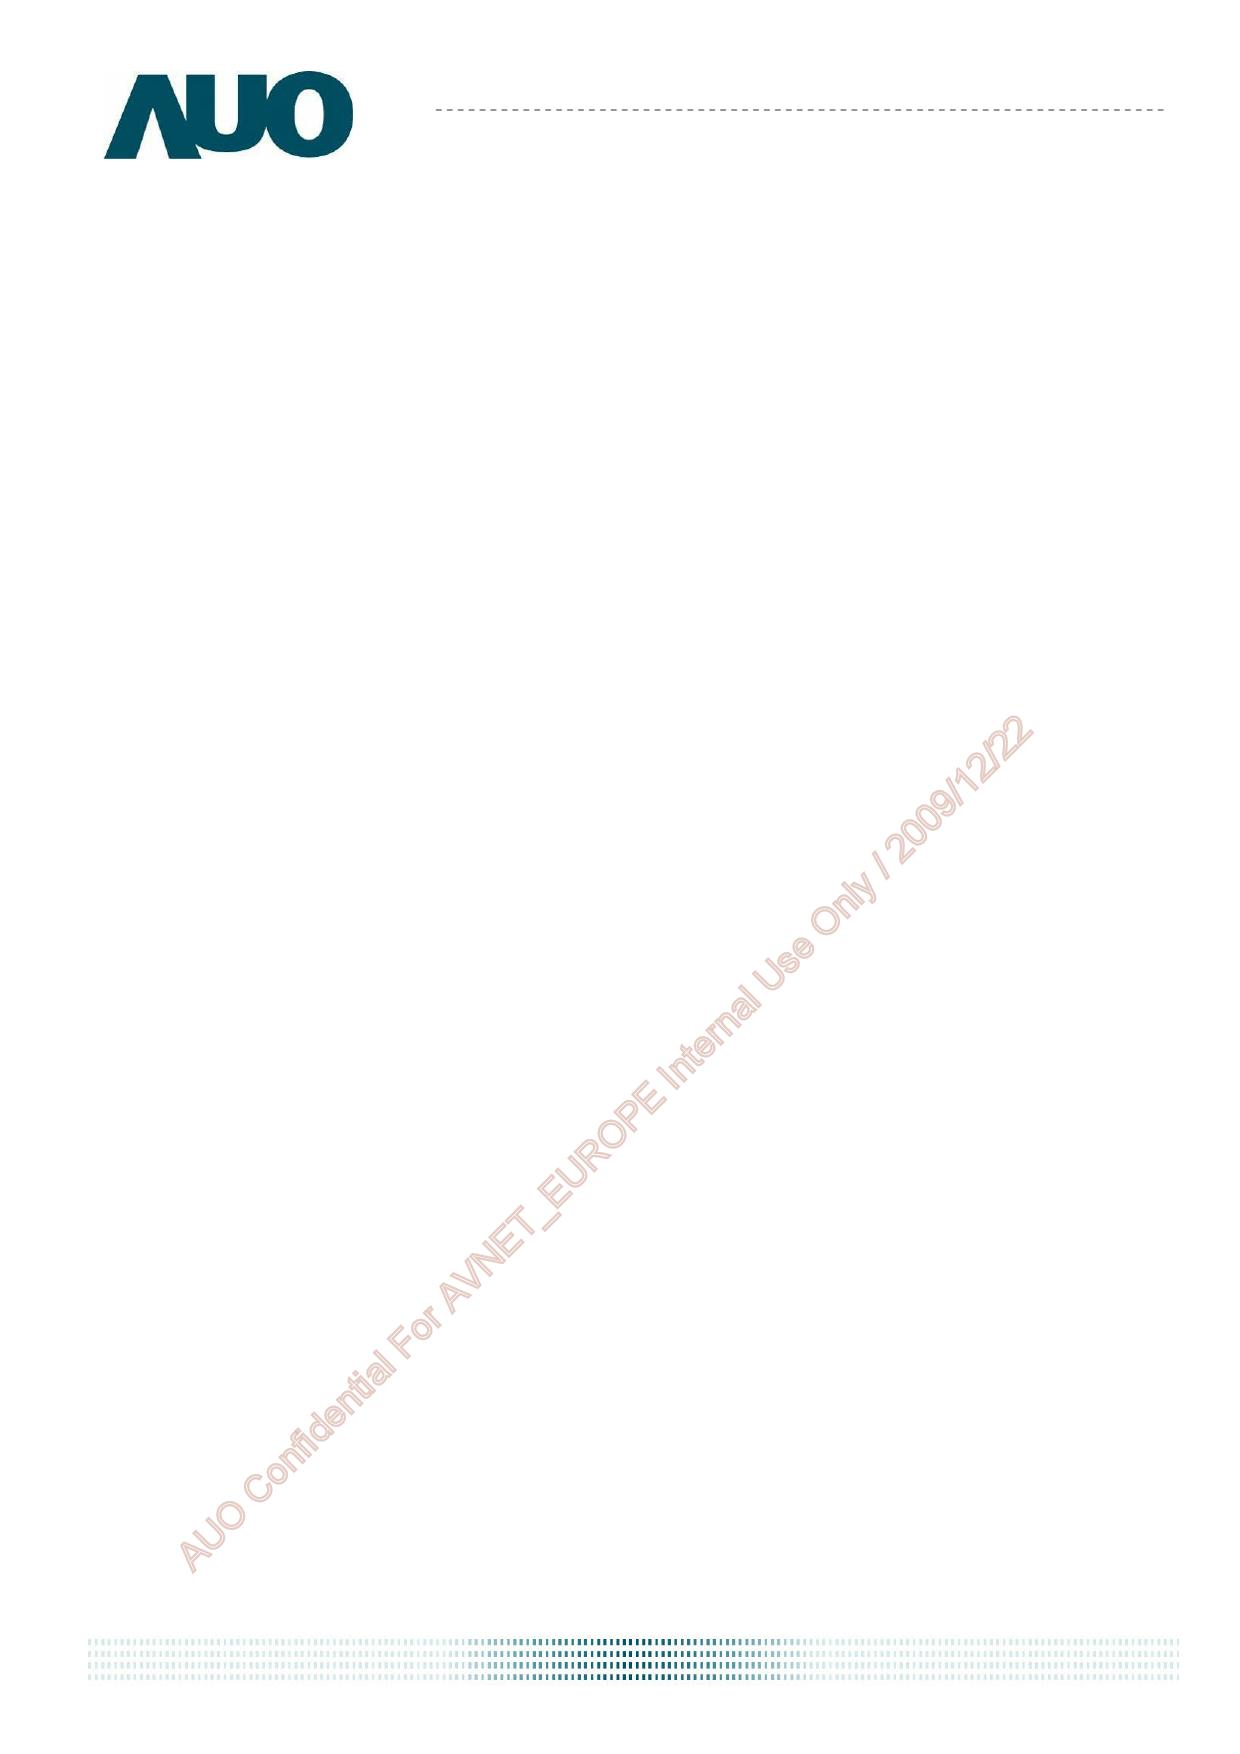 G104SN02-V2 pdf